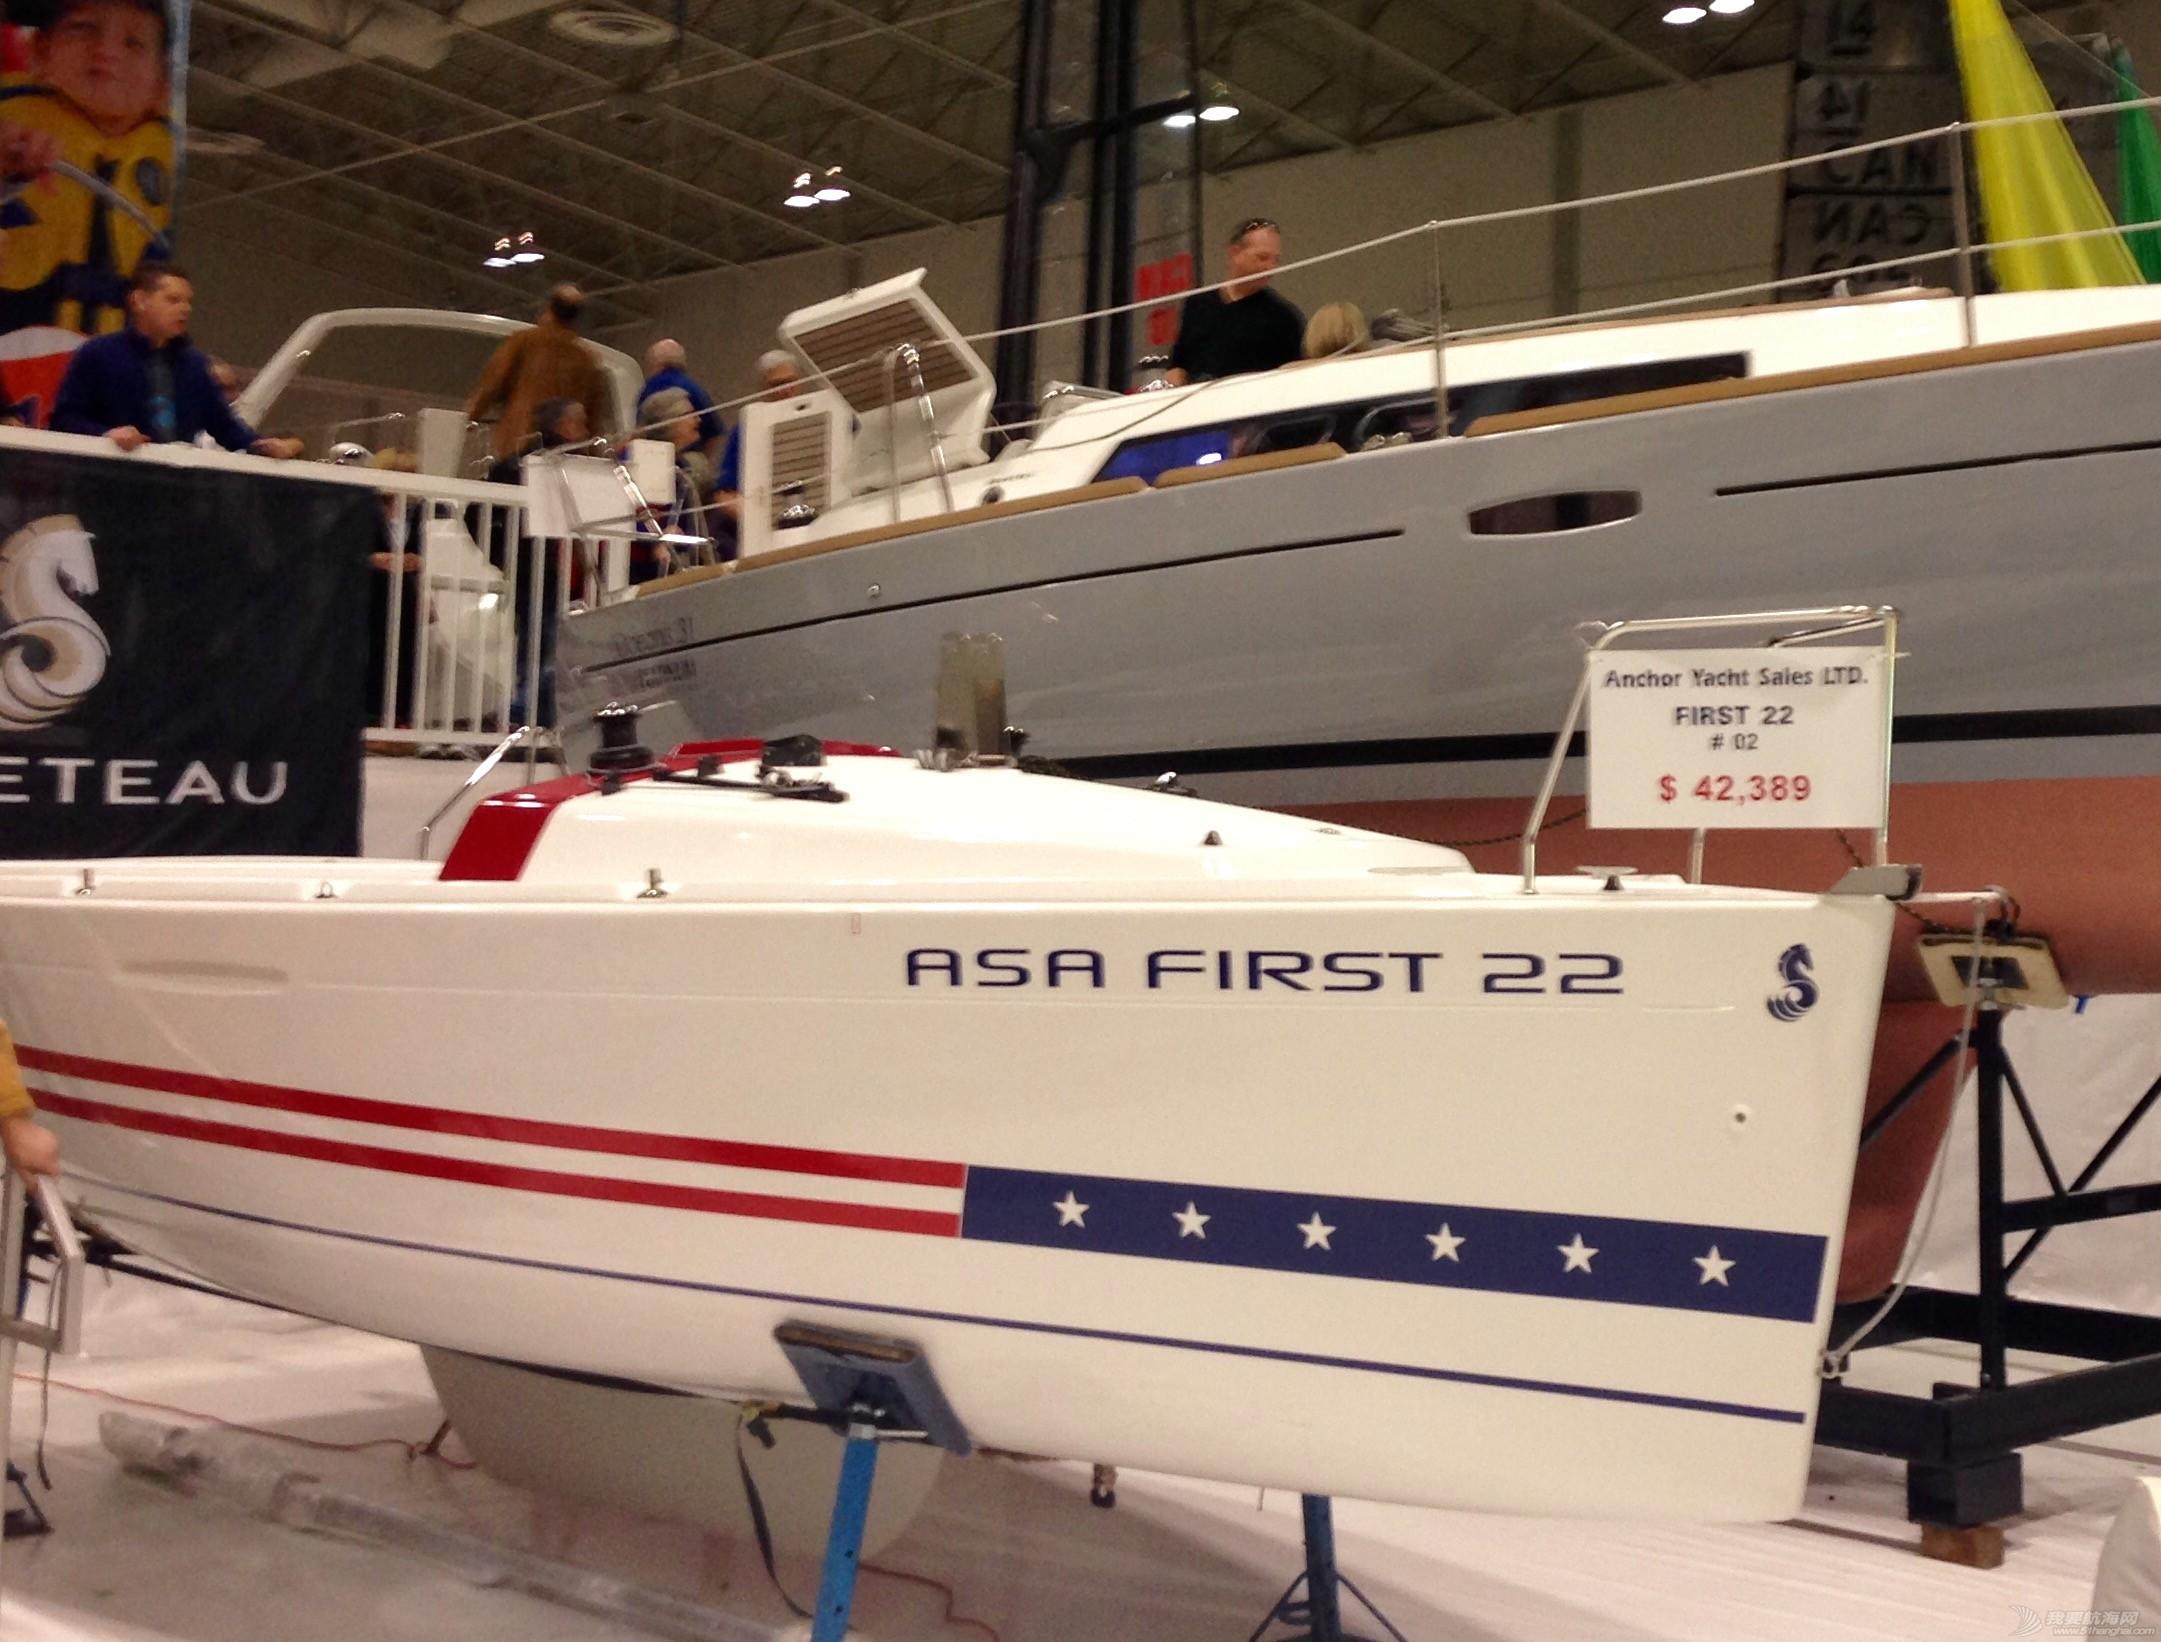 博纳多F22帆船亚洲珍藏版(现船)超值 美国版本